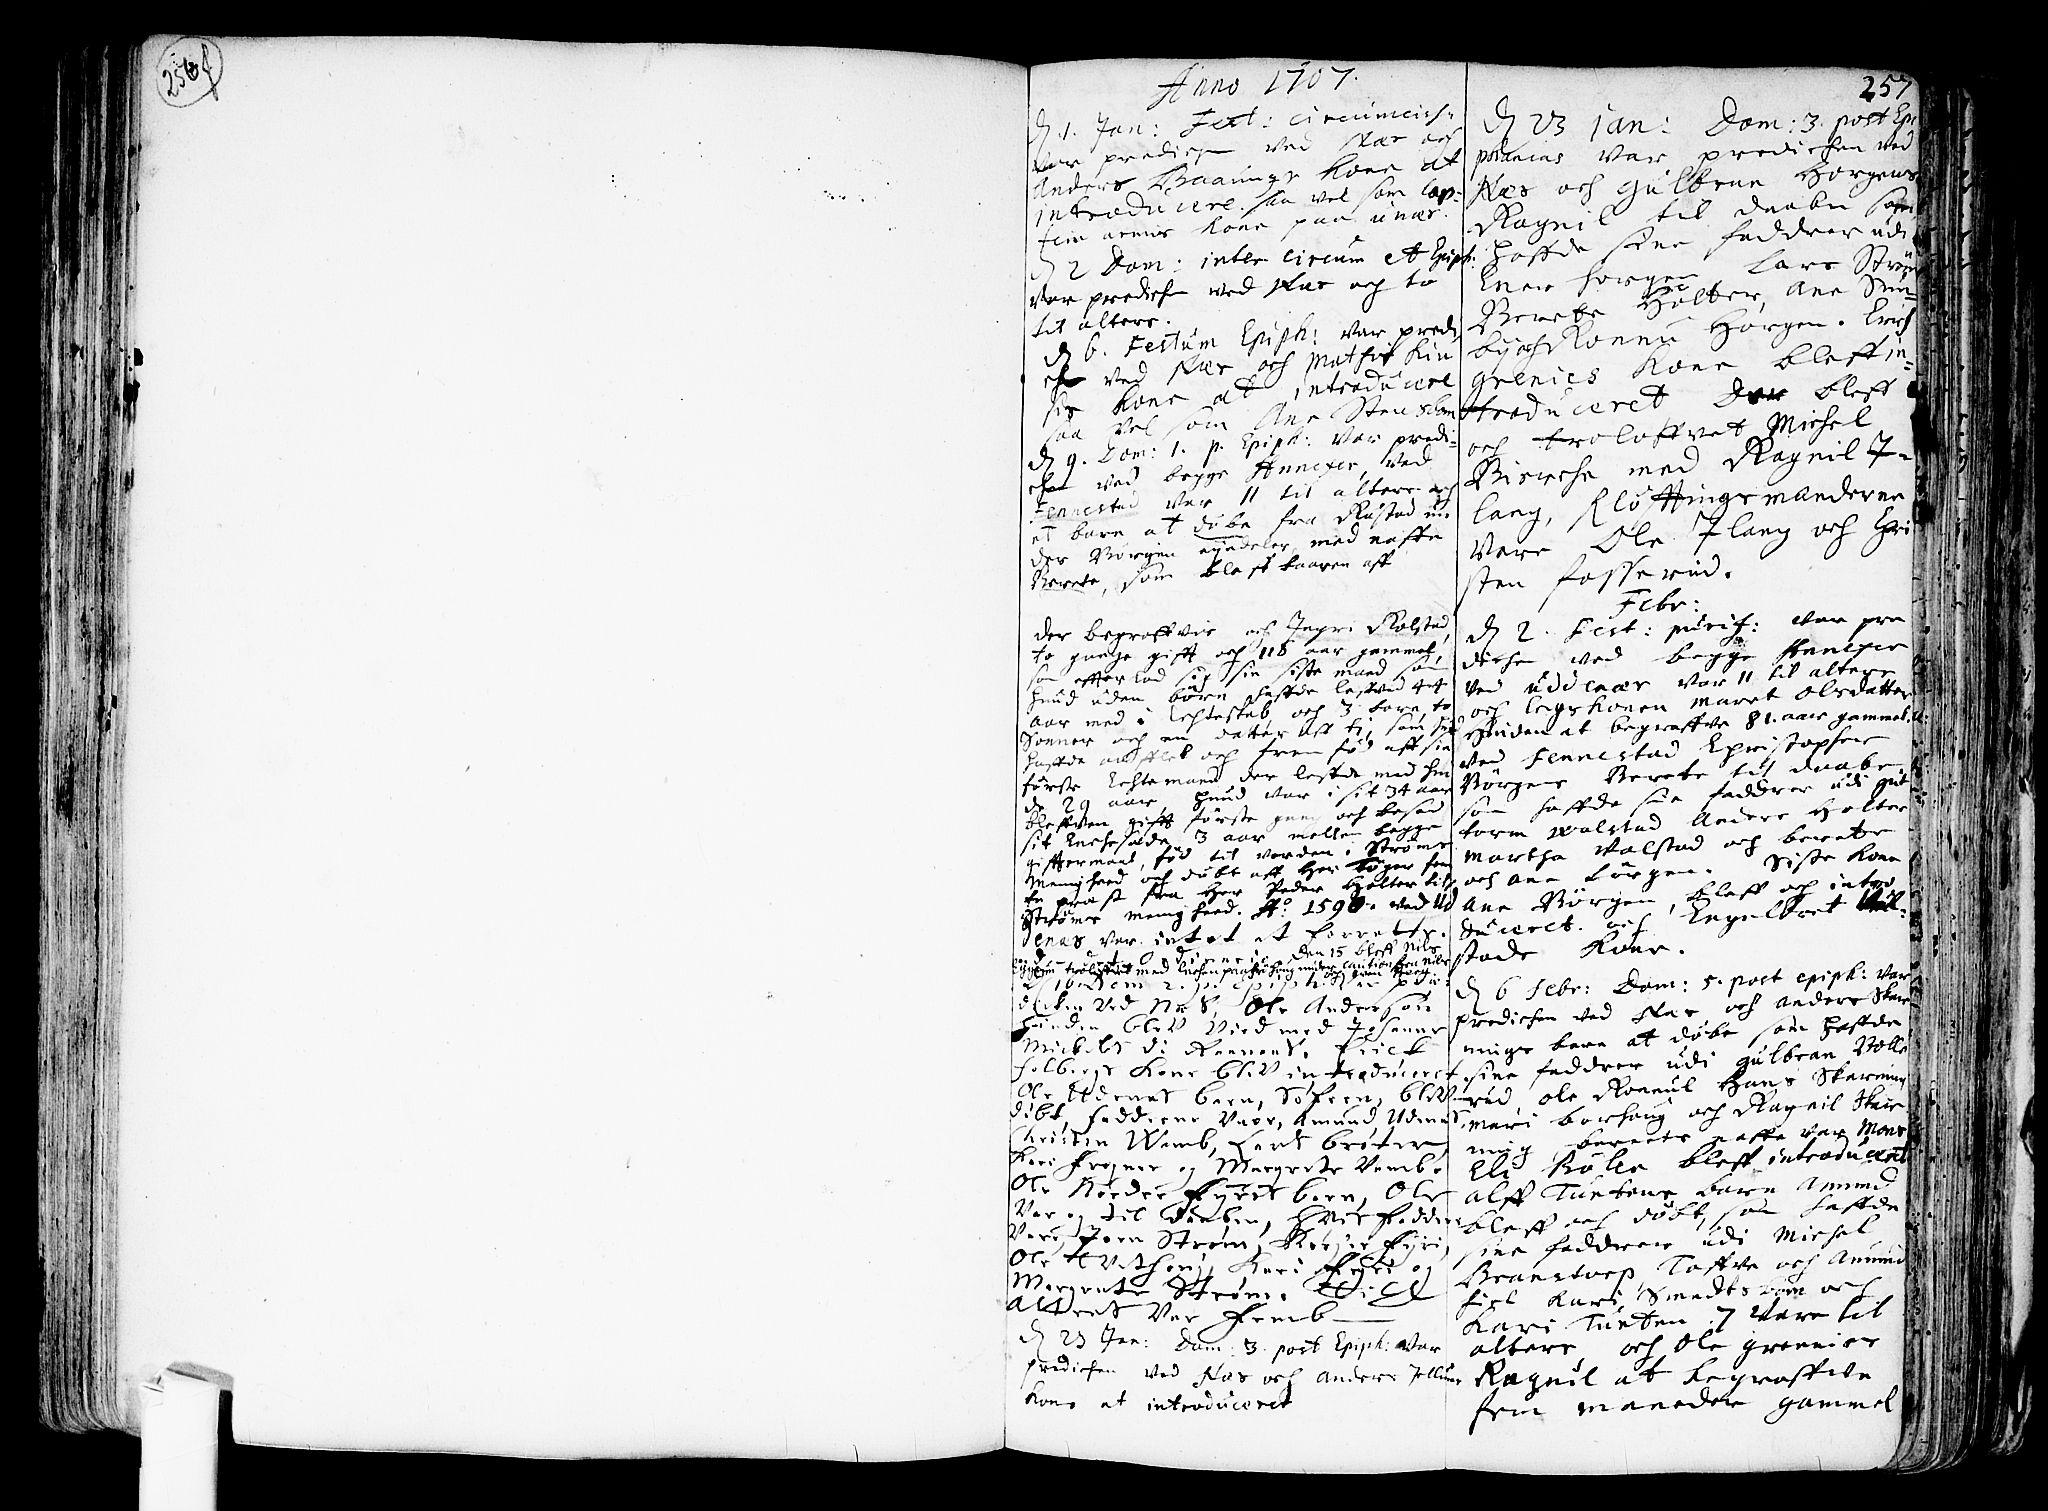 SAO, Nes prestekontor Kirkebøker, F/Fa/L0001: Ministerialbok nr. I 1, 1689-1716, s. 257